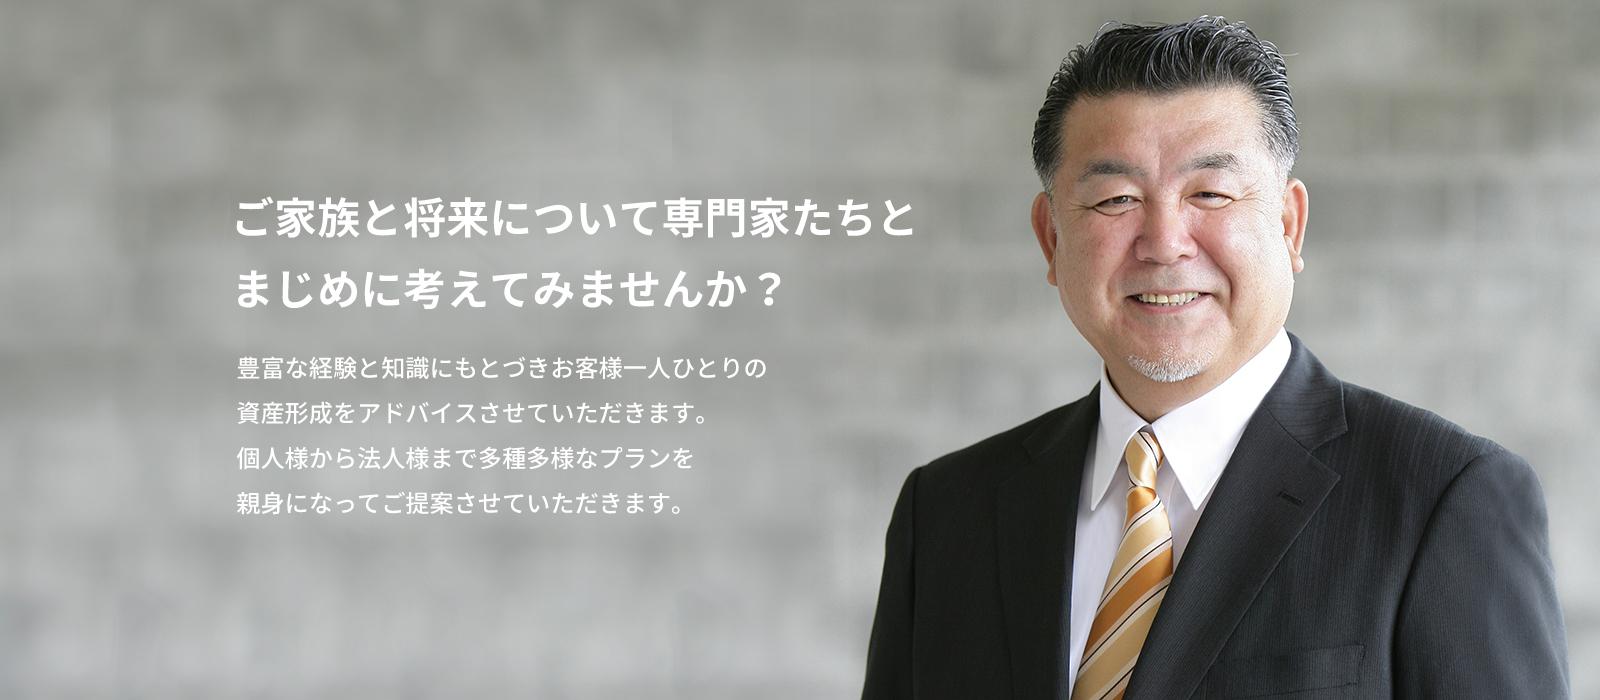 岡山市の相続・事業承継対策のご相談窓口